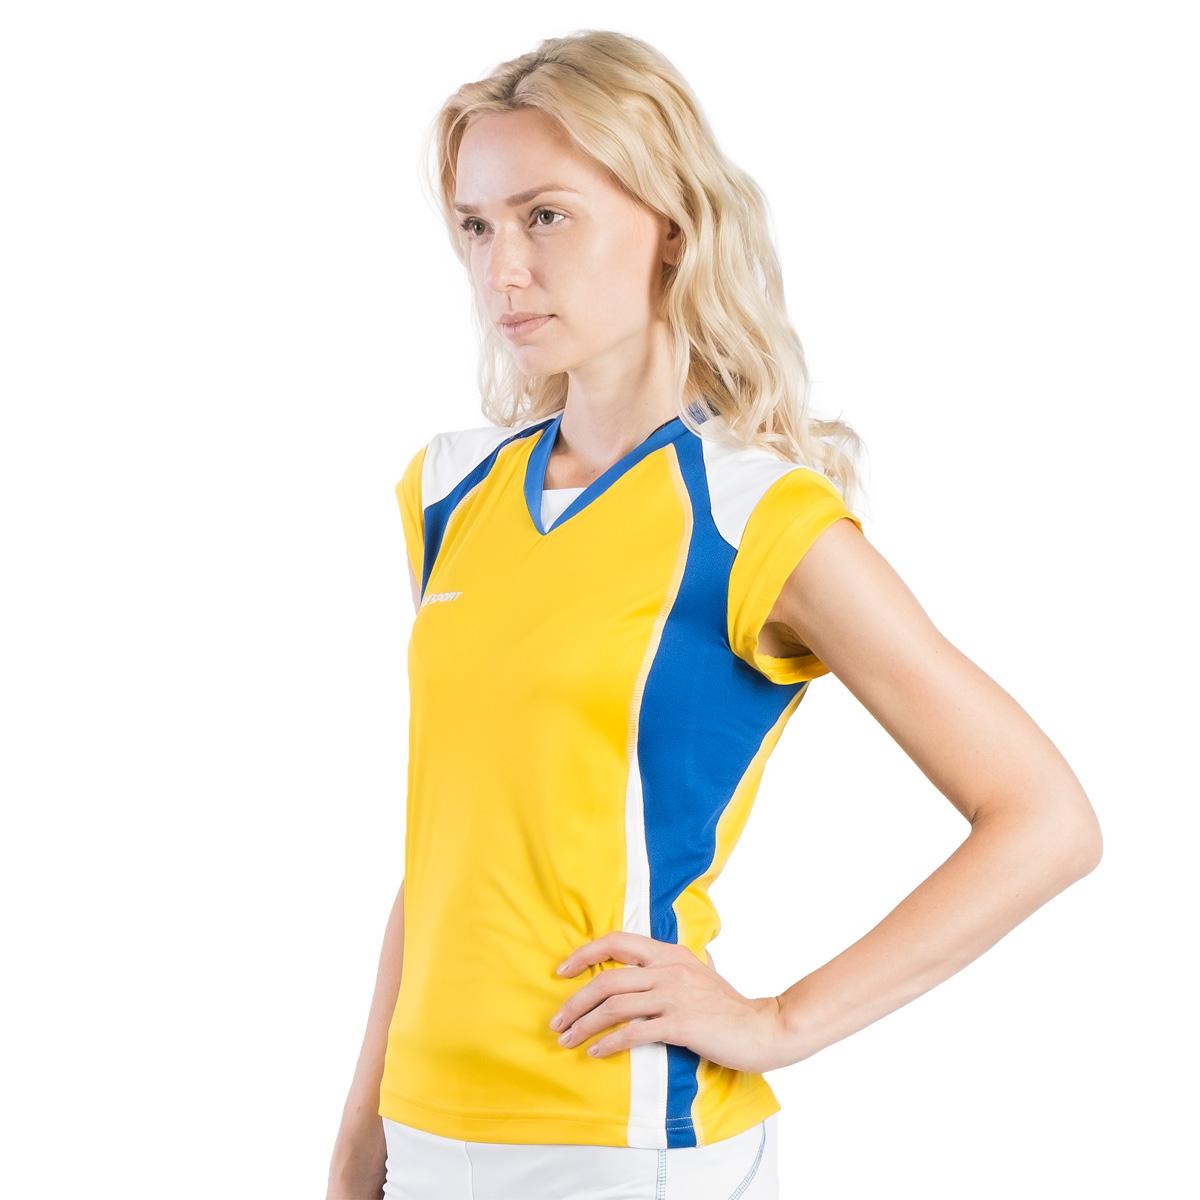 Футболка волейбольная женская 2K Sport Energy, цвет: желтый, синий, белый. 140042. Размер XS (48/50)140042_yellow/royal/whiteЖенская волейбольная форма Energy подкупает своей простотой и изящностью. Футболка без рукавов из ткани повышенной прочности отделана контрастными вставками по бокам и небольшим заниженным воротником. Идеальный выбор как для профессионалов, так и для любителей. Плотность ткани: 140 г/м.кв.